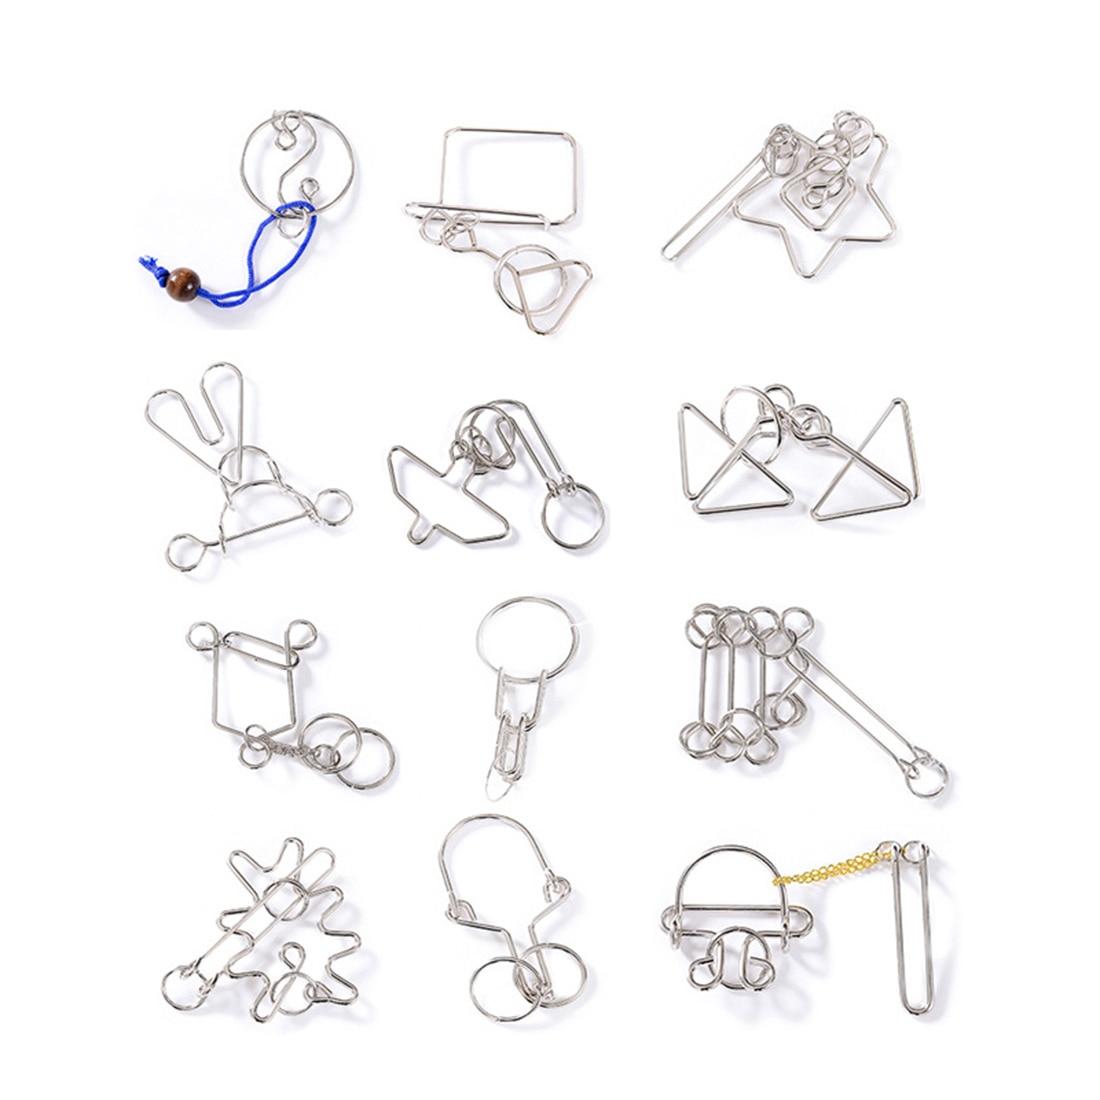 12 шт./компл. металлические головоломки Пазлы Обучающие ствол игрушка для детей и взрослых-желтый/синий ящик